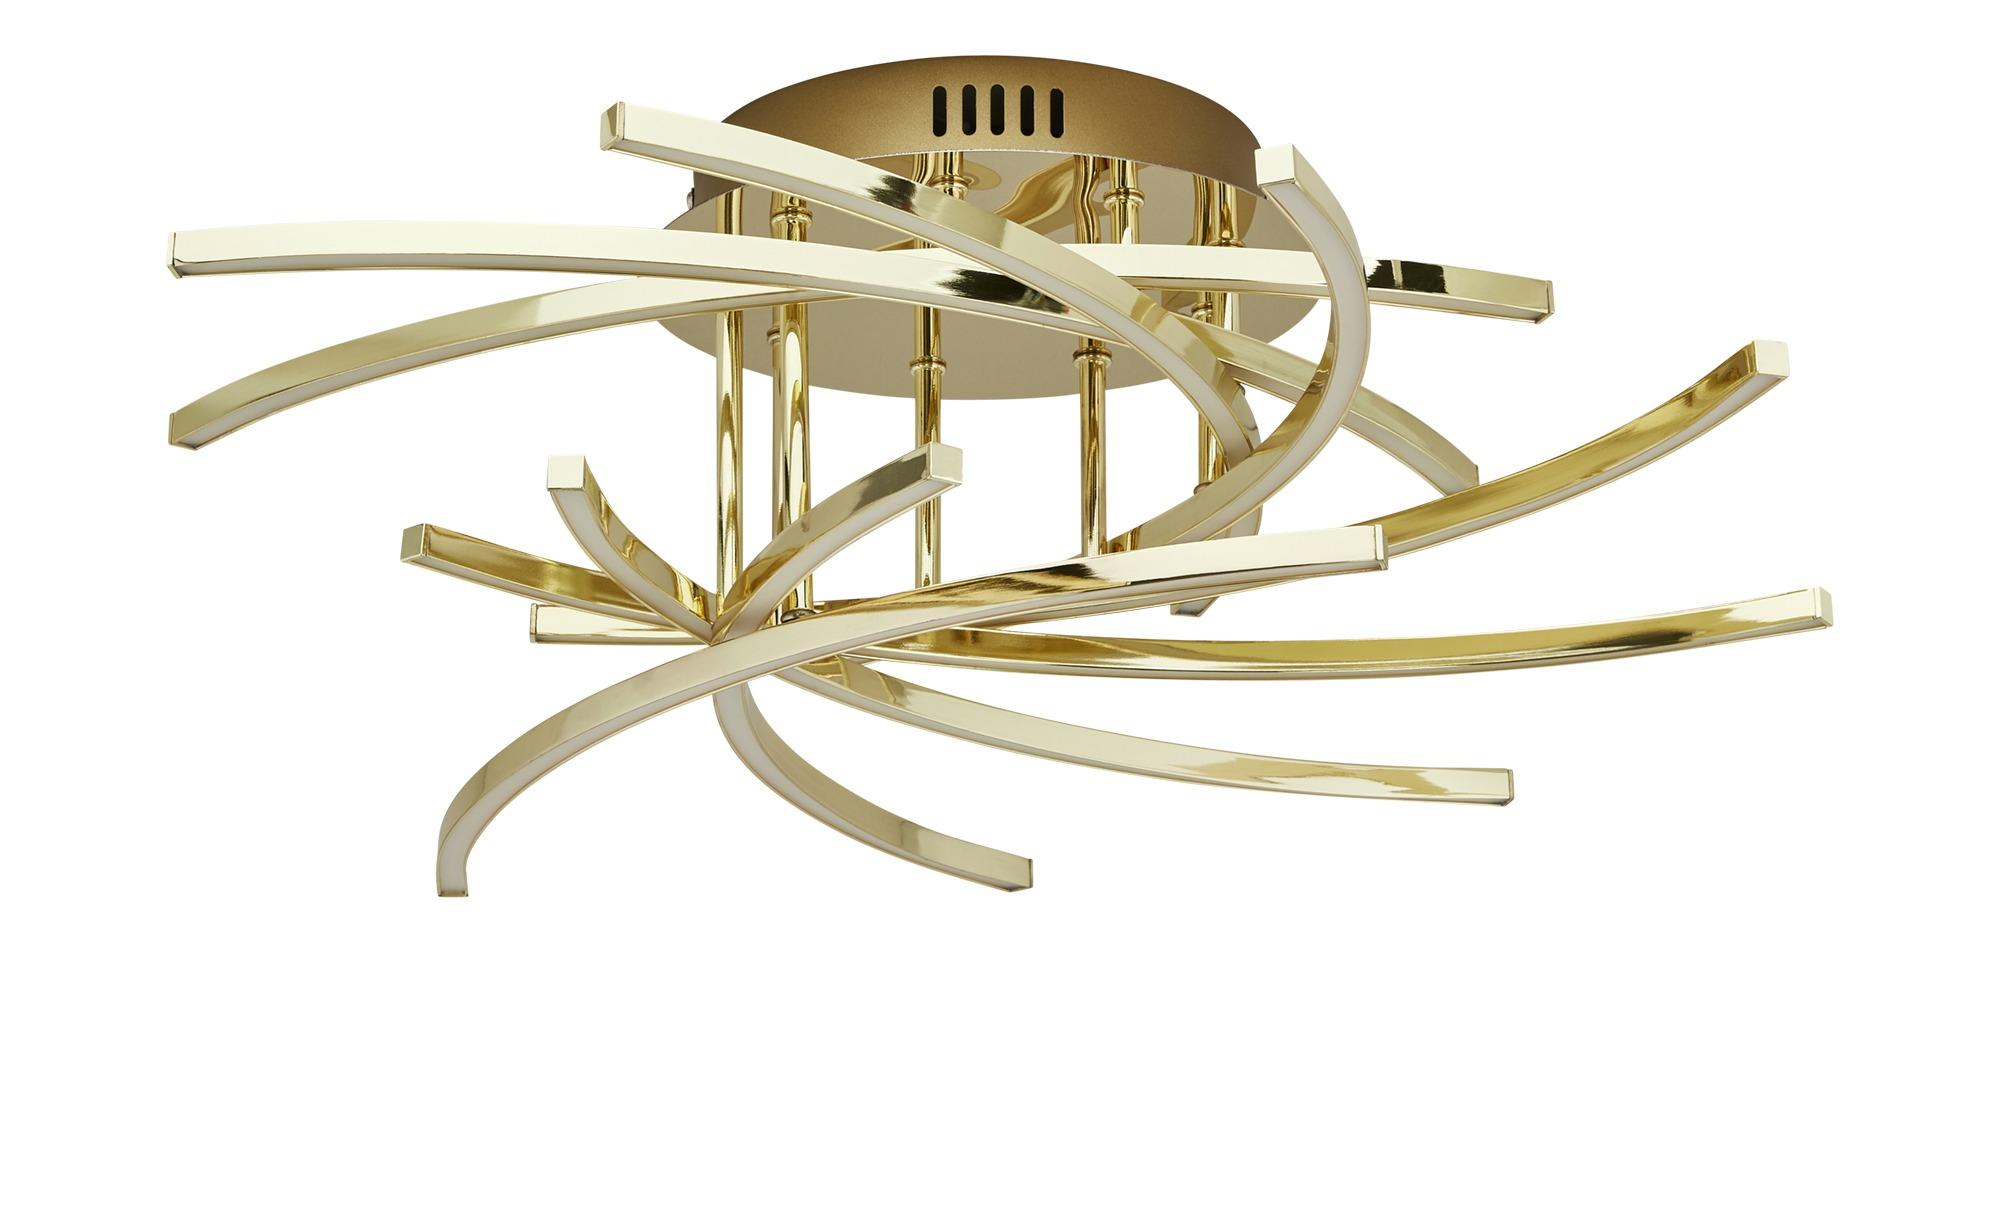 Meisterleuchten LED-Deckenleuchte, 9-flammig ¦ gold ¦ Maße (cm): H: 19 Ø: 52.5 Lampen & Leuchten > Innenleuchten > Deckenleuchten - Höffner